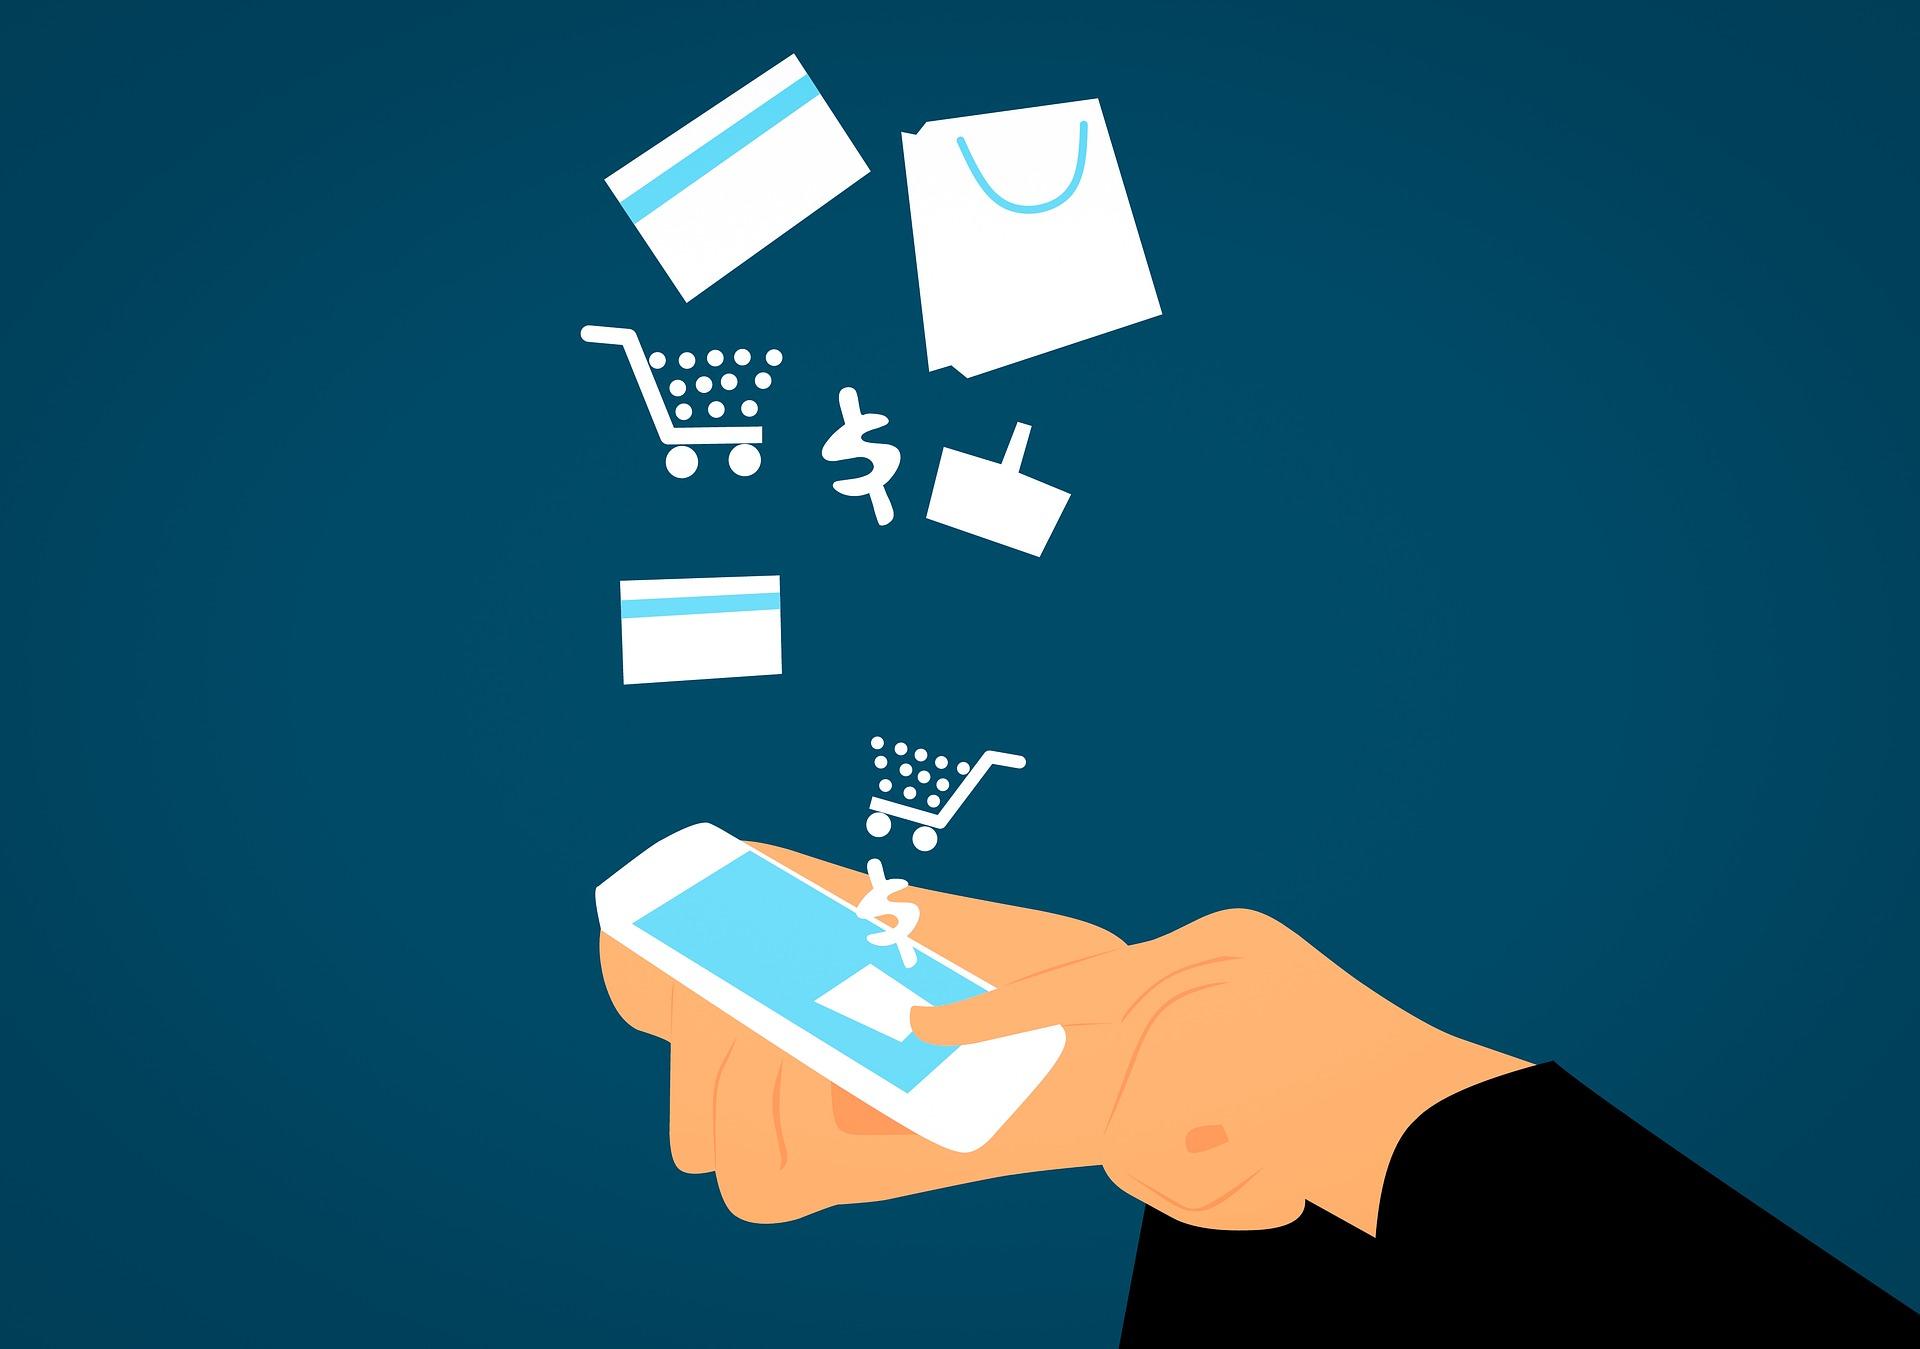 политика конфиденциальности для магазинов, договора, документы и комплексное юридическое сопровождение